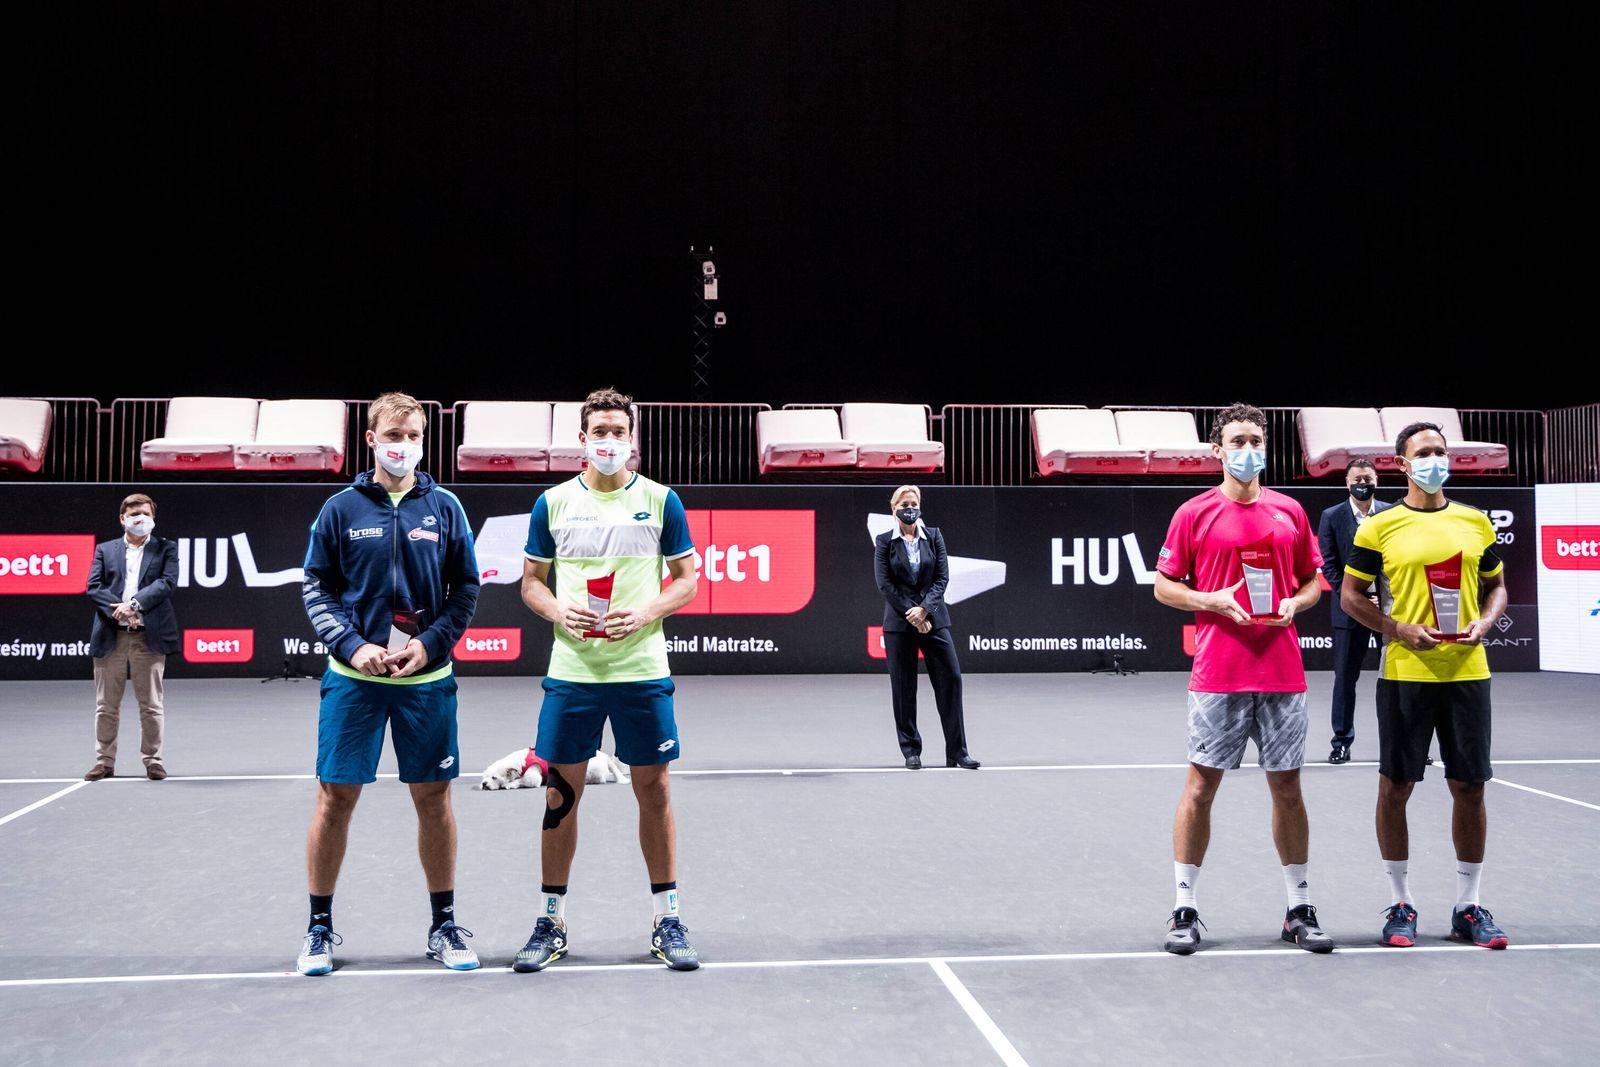 bett1HULKS Championship - ATP, Tennis Herren 250; Koeln, 25.10.2020 Gruppenfoto bei der Siegerehrung. Im Hintergrund: C